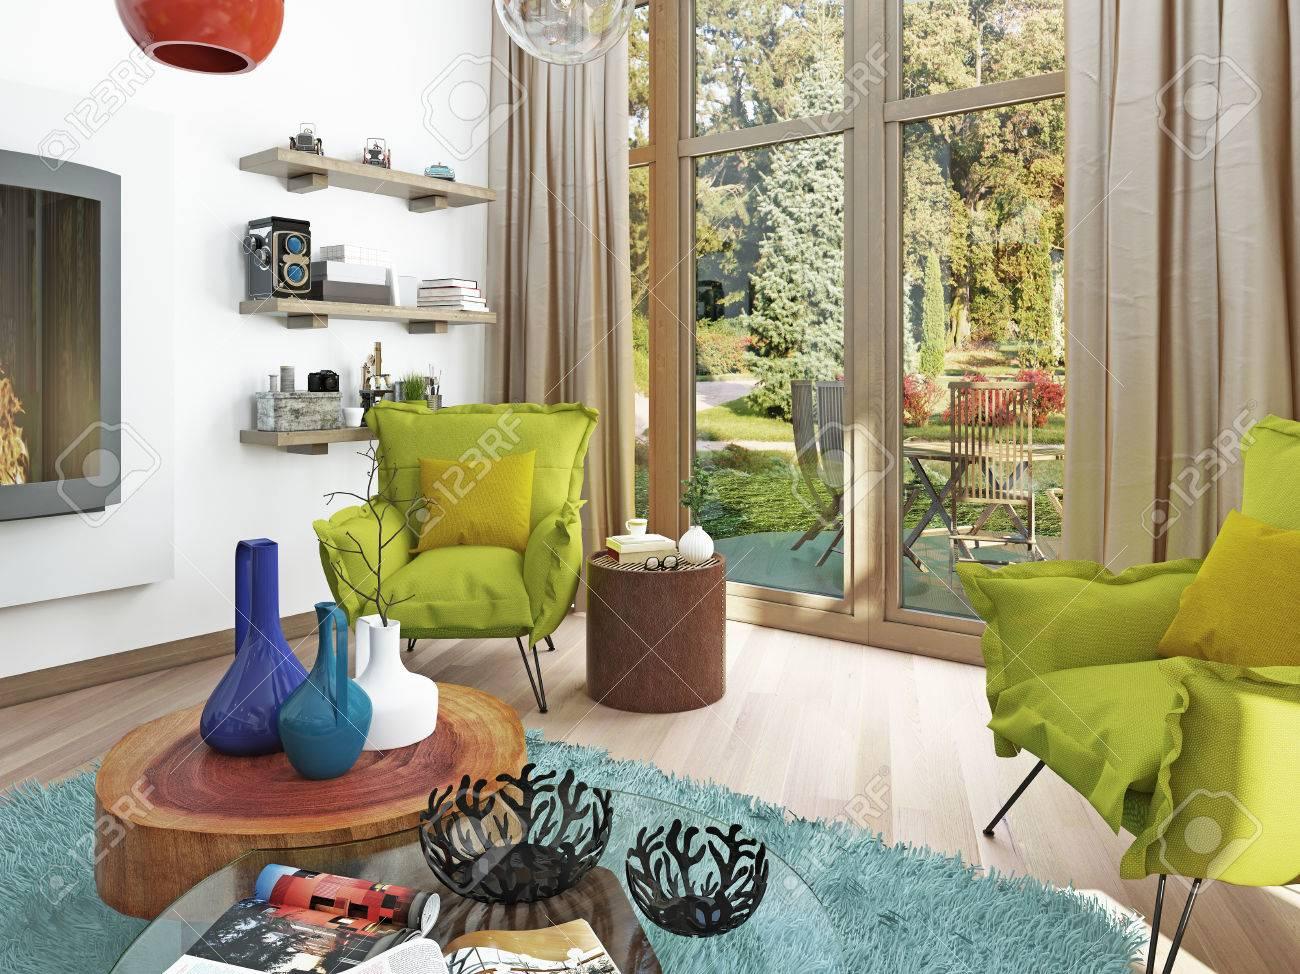 Moderne Wohnzimmer Mit Sitzecke Mit Zwei Stühlen. Bequeme Stühle Im Stil  Des Kitsches Grüne Farbe